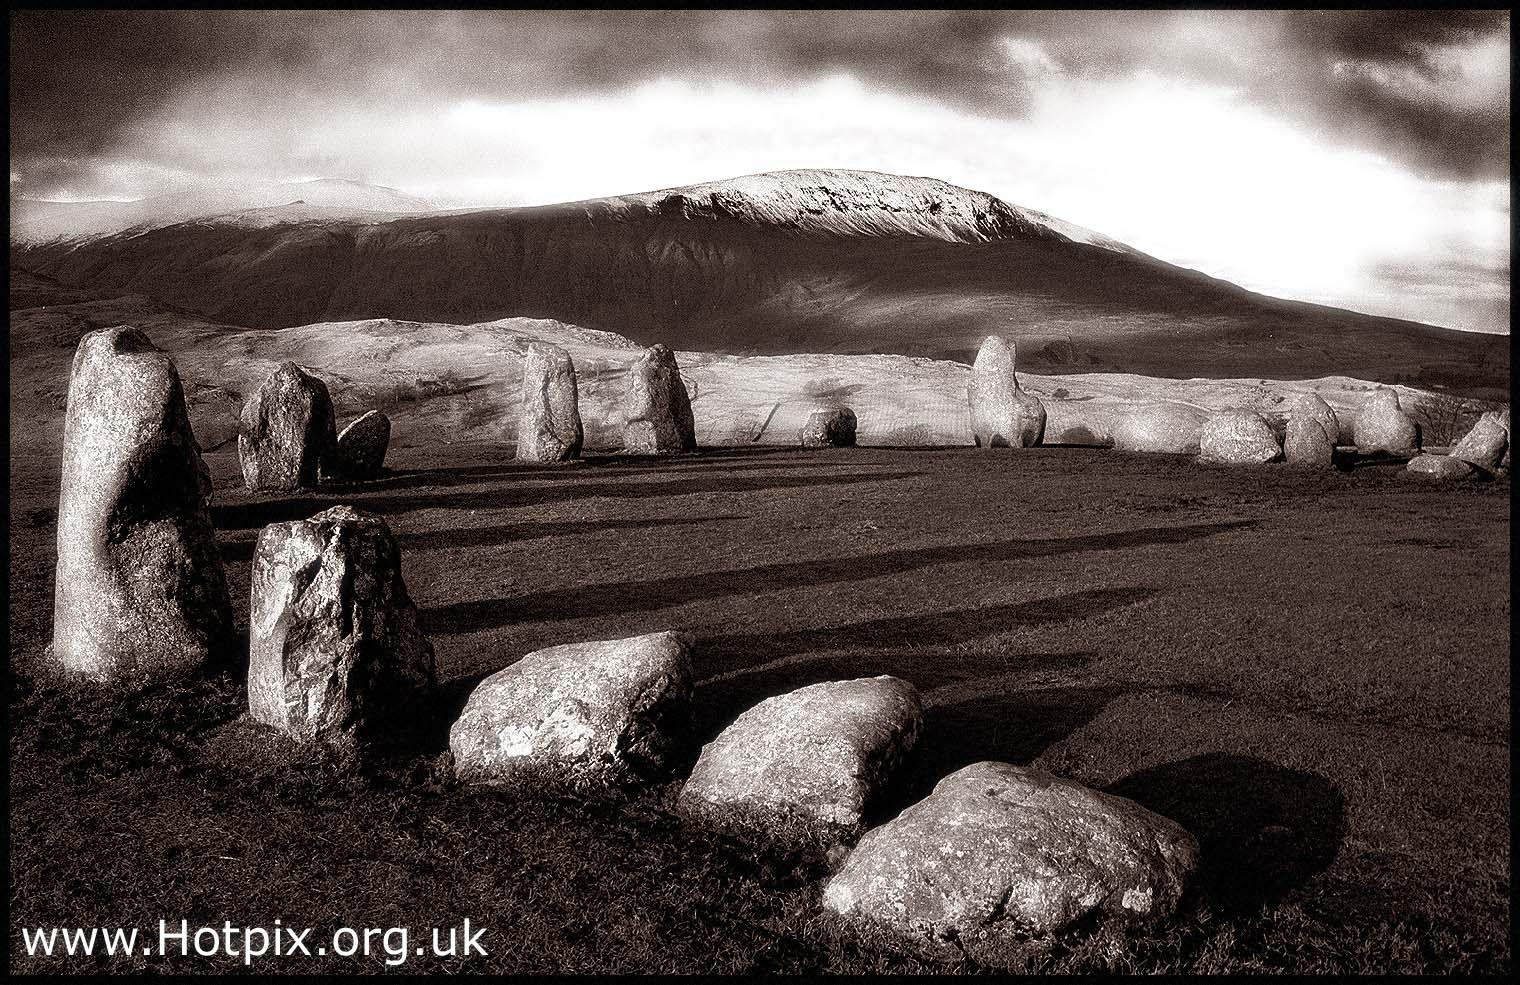 Cumbria,tony,smith,tonysmith,stone,circles,hotpix,hotpics,hotpicks,landscape,countryside,england,UK,GB,great,britain,druid,mono,b/w,black,white,sepia,toned,moody,sky,wide,lens,ringexcellence,#tonysmithhotpix,#tonysmithotpix